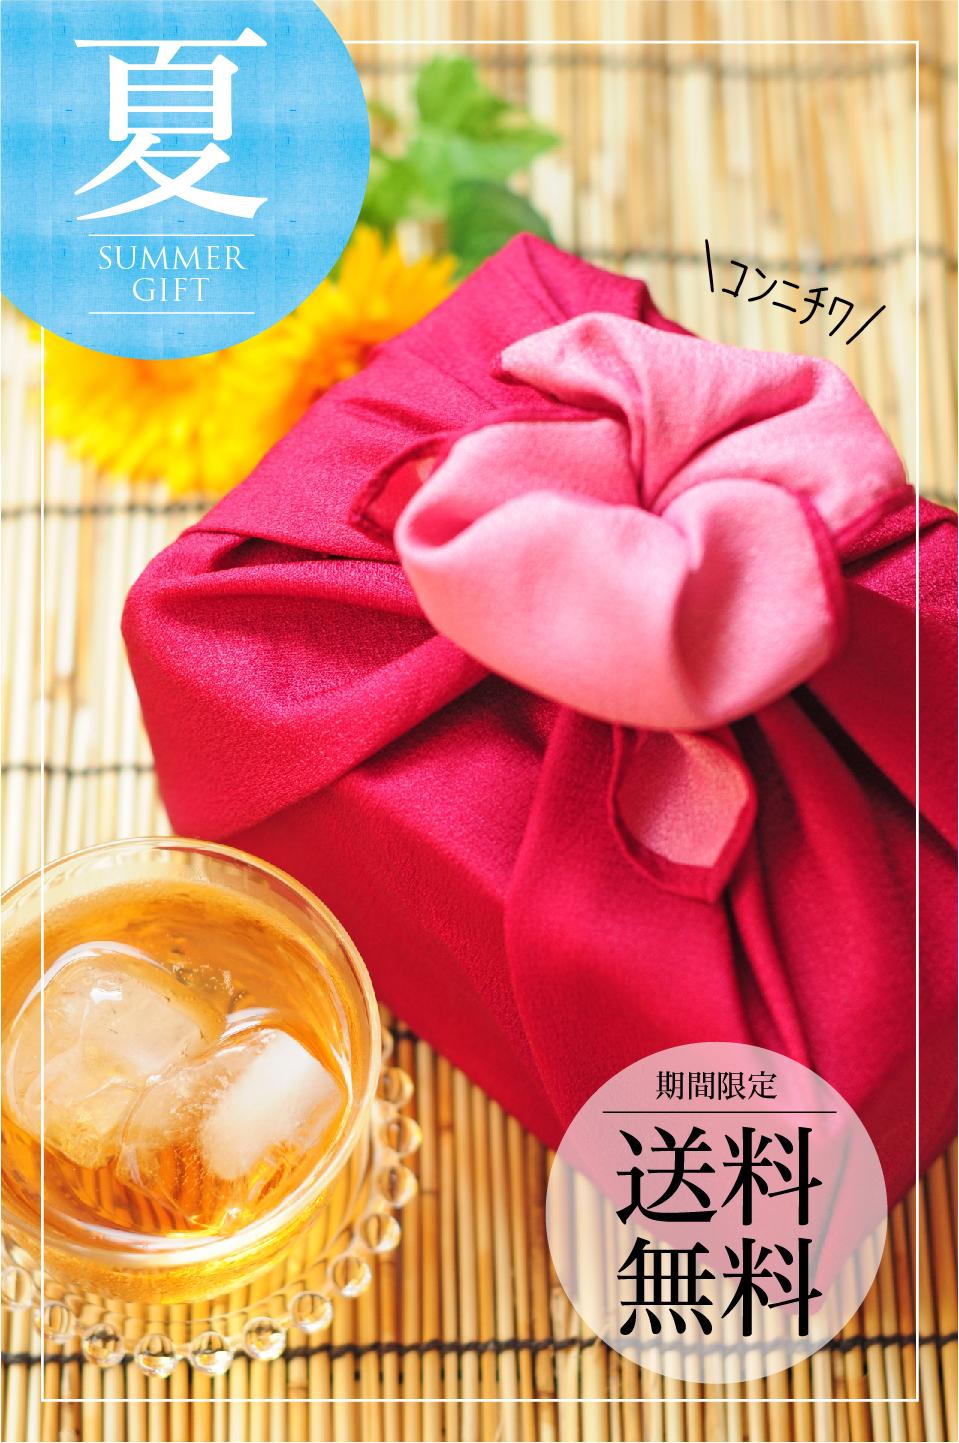 JP summer gift